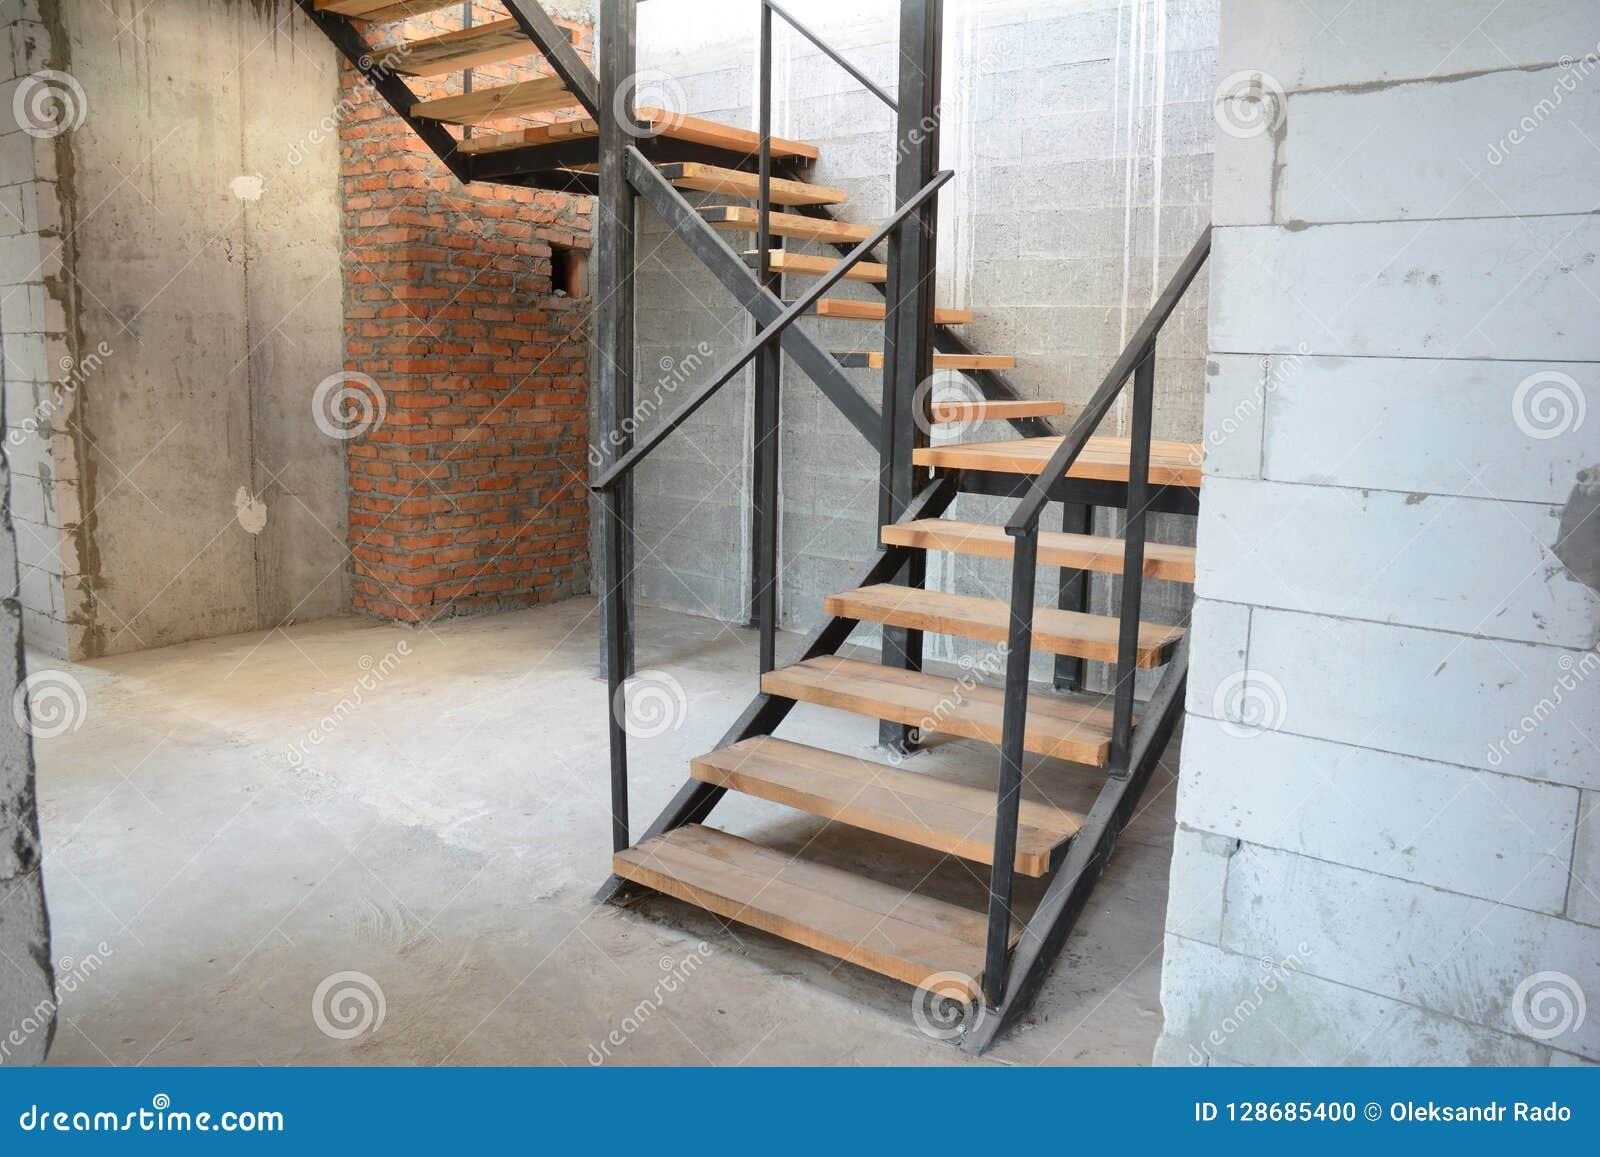 Escalier Dans La Maison installation d'étapes de chambre nouvelles étapes de